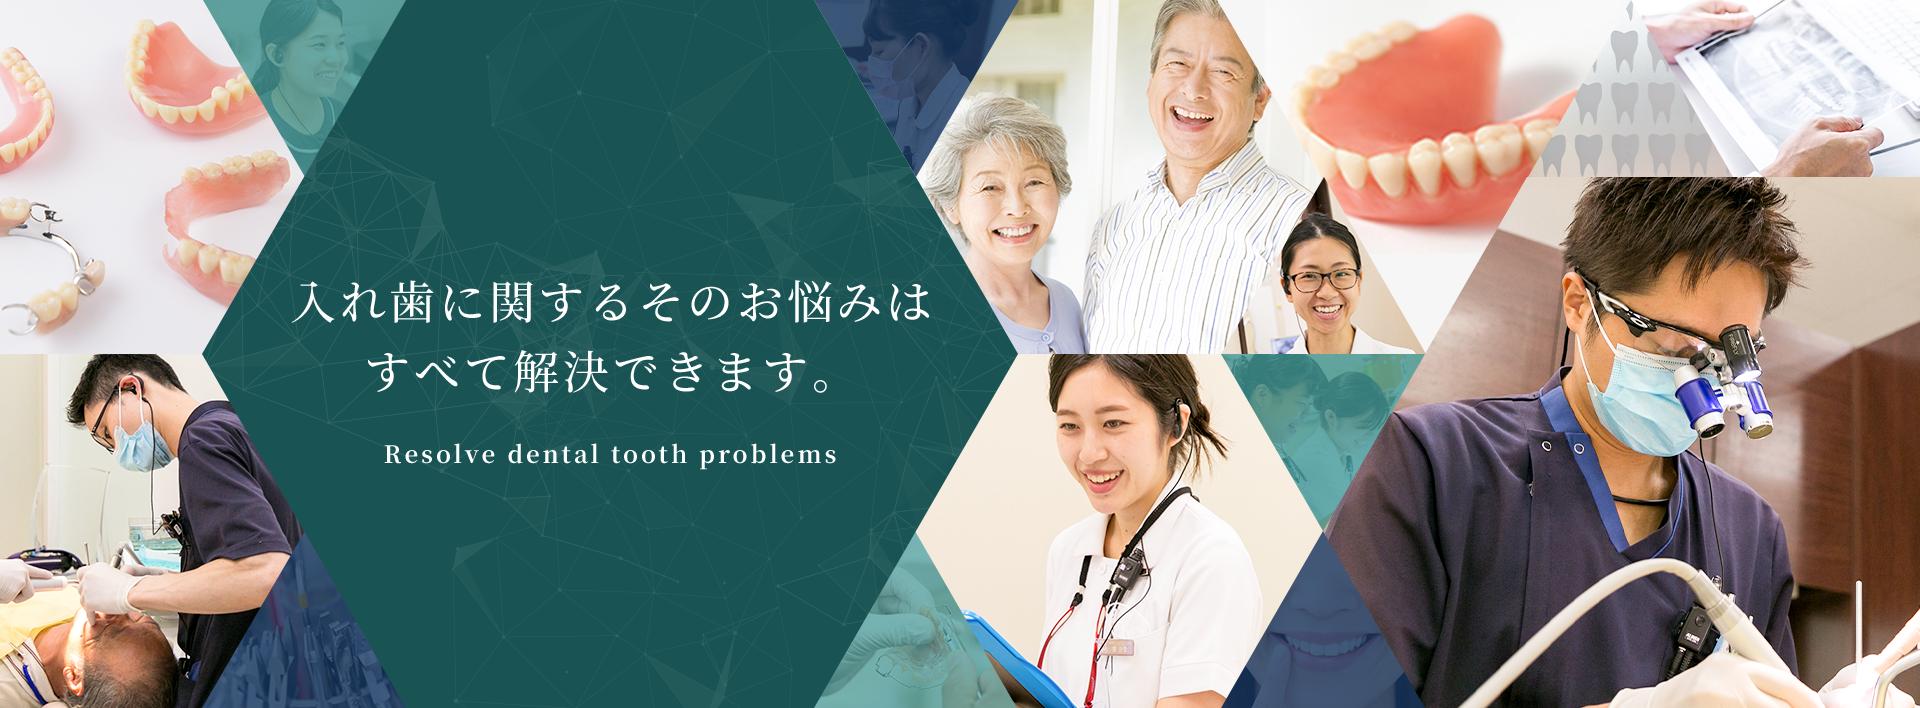 入れ歯に関するそのお悩みはすべて解決できます。